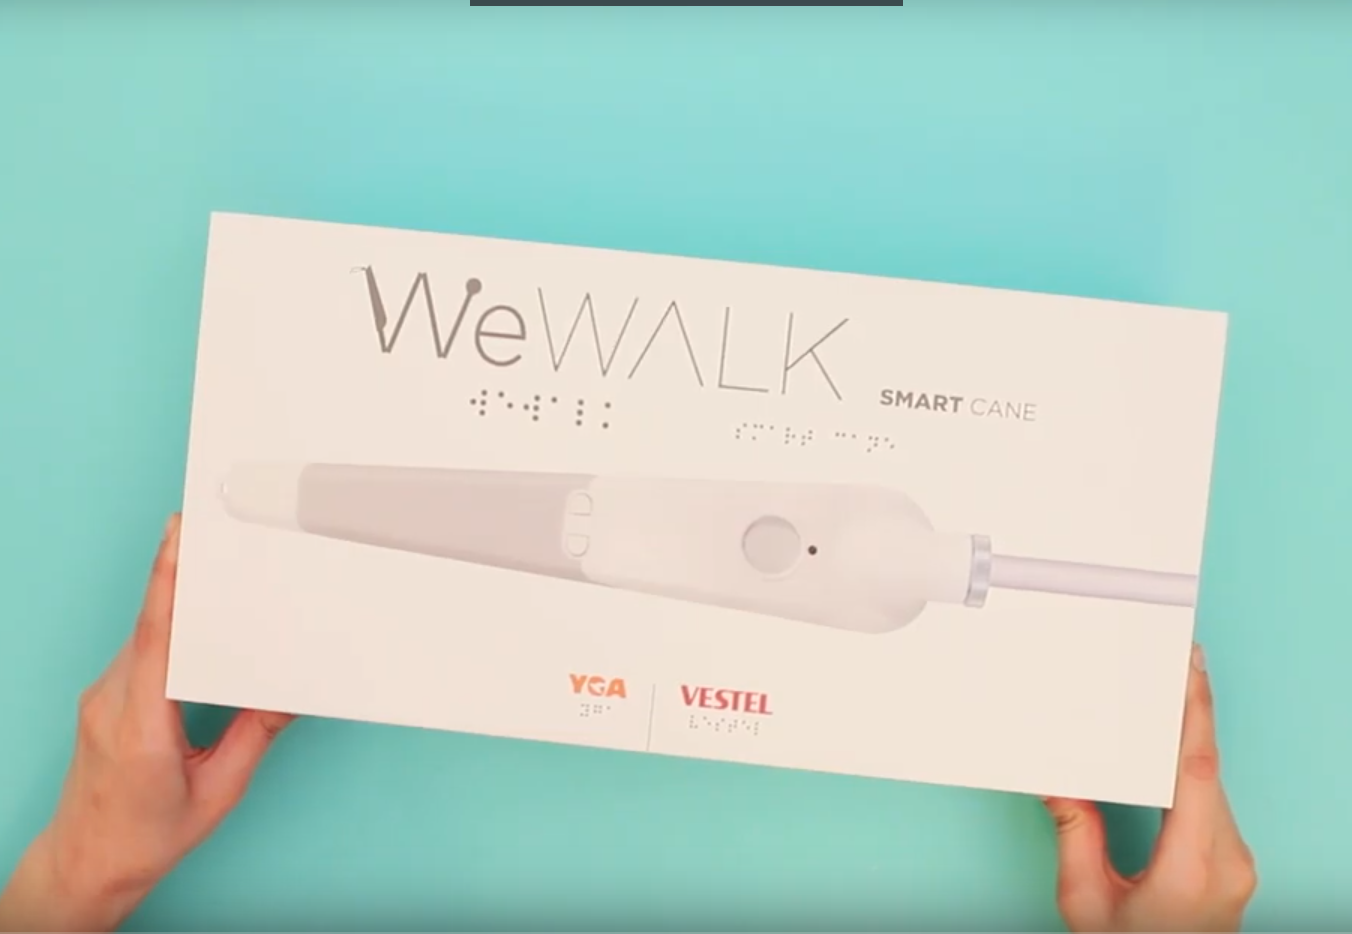 Fotografía del bastón inteligente weWalk en su caja